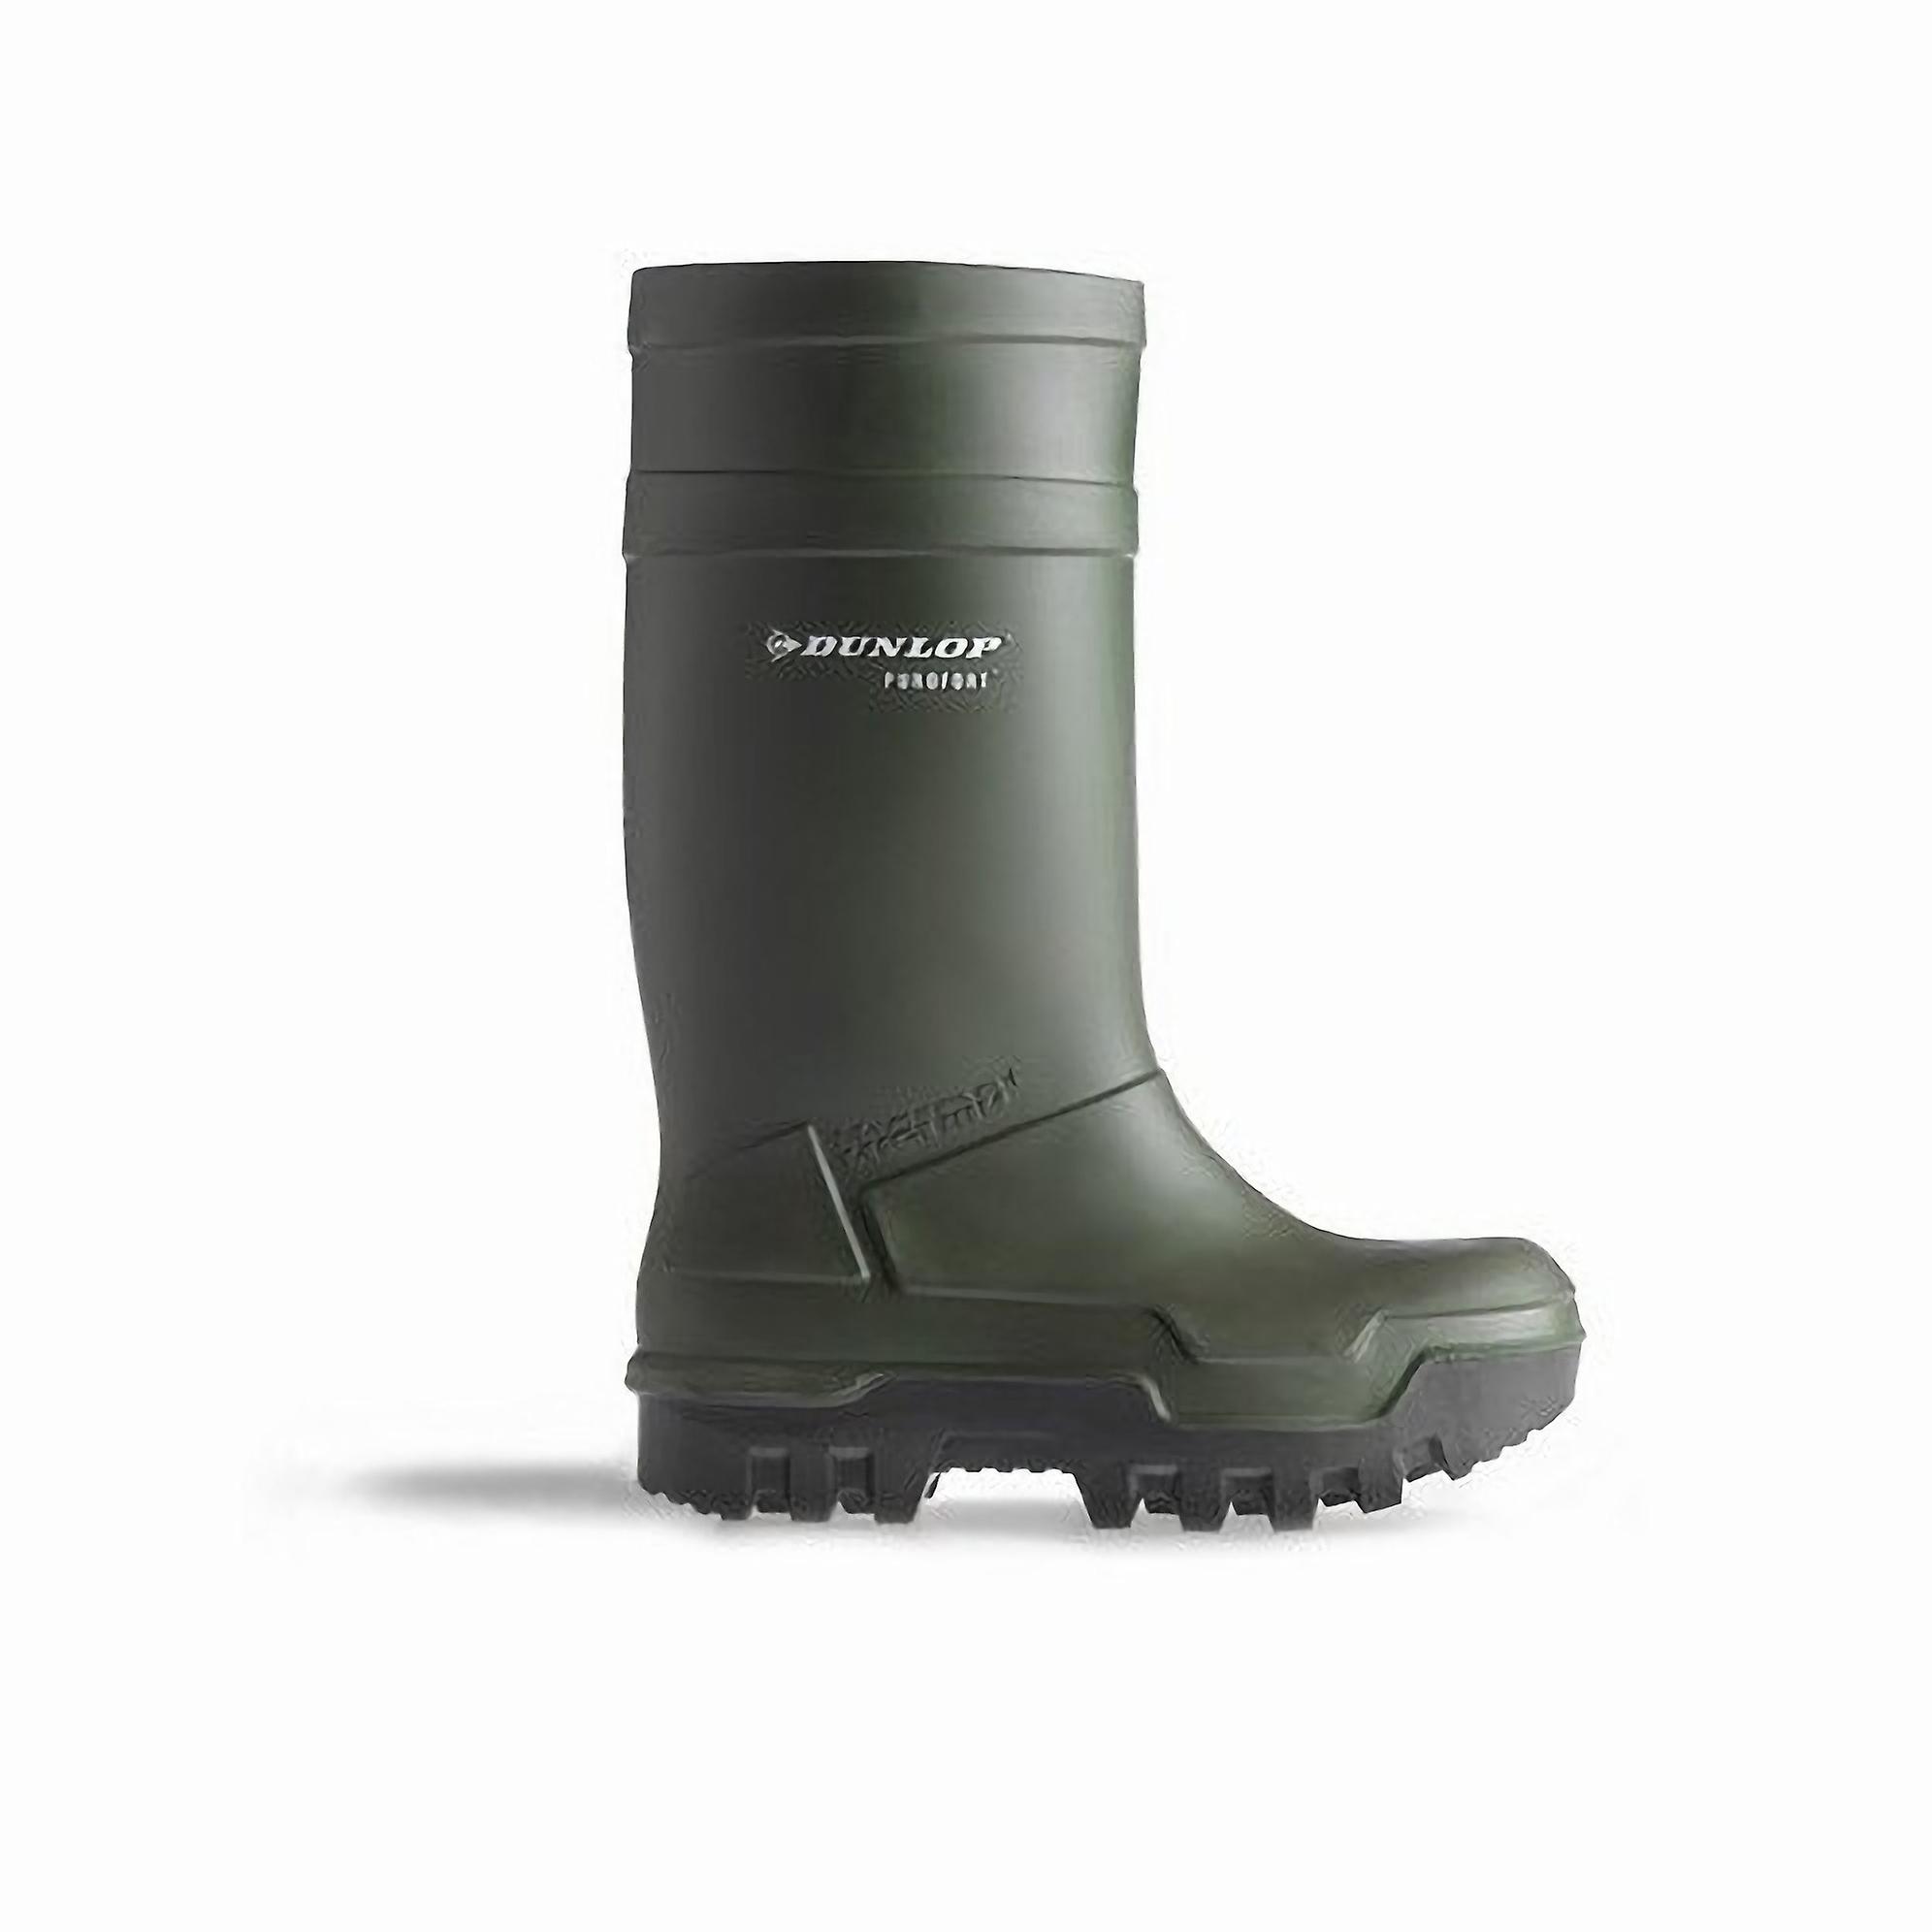 Dunlop C662933 Purofort Thermo + Full säkerhet Wellington